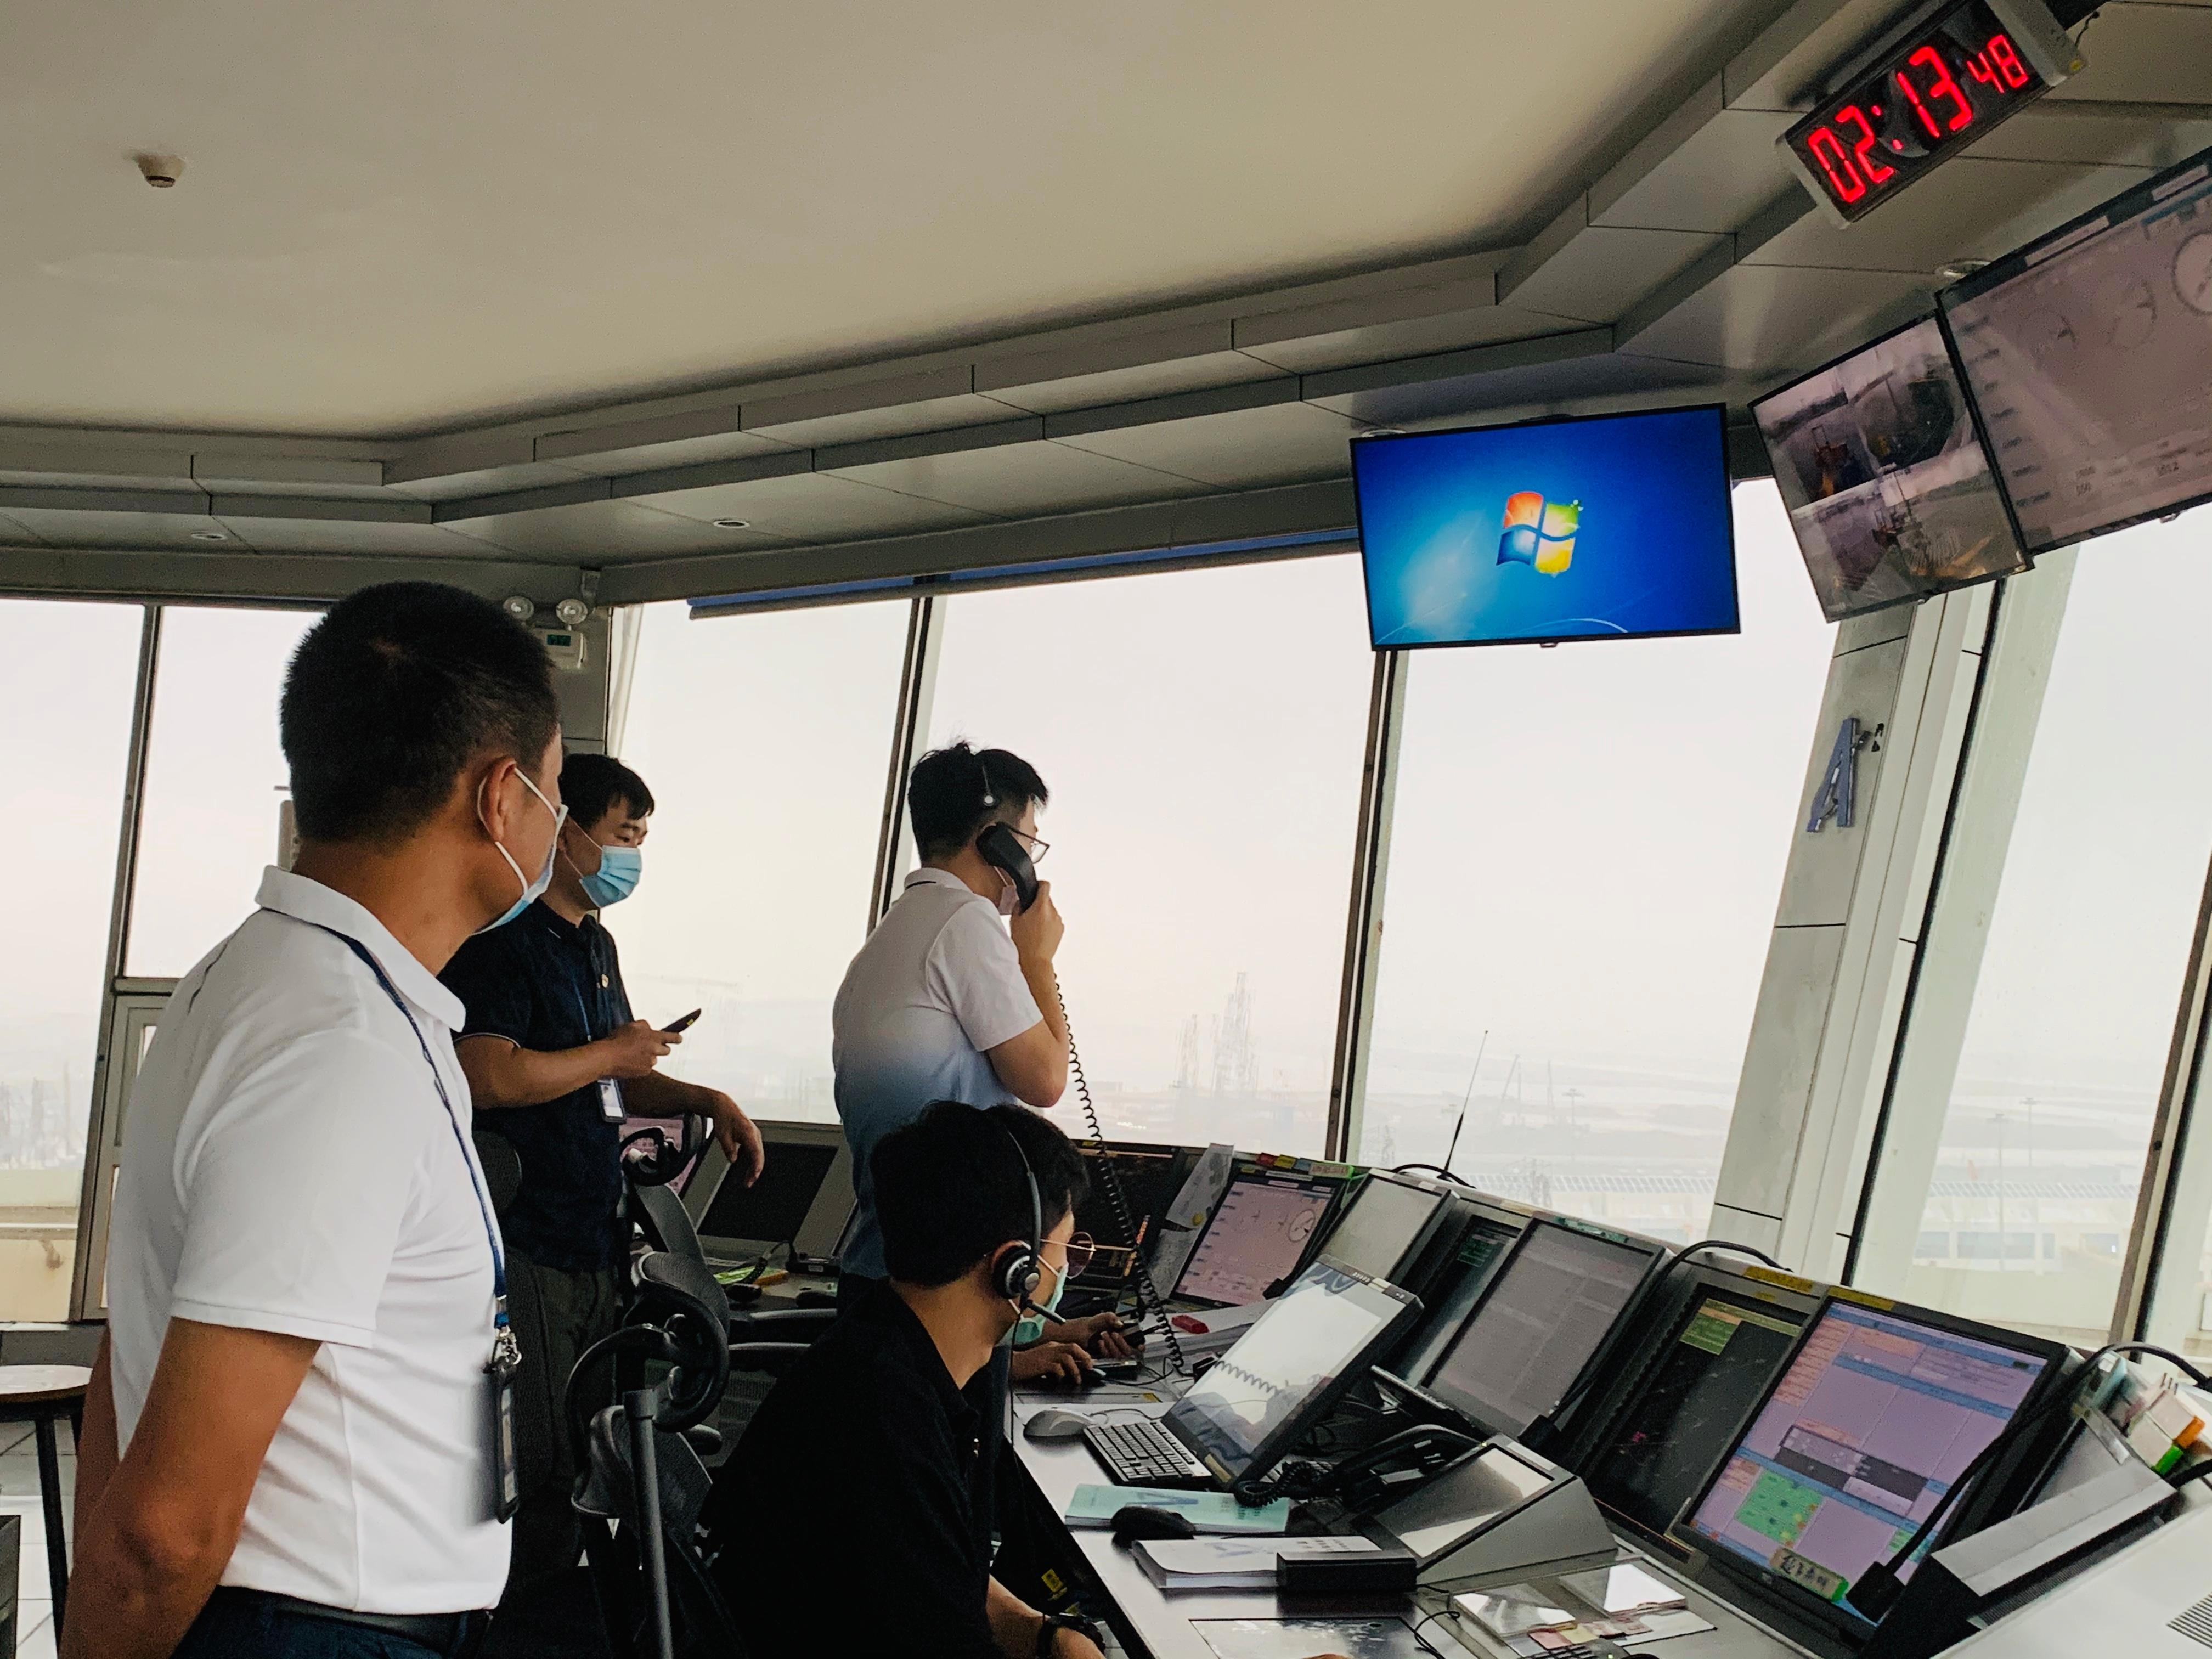 珠海空管站管制运行部完成国庆中秋双节飞行保障